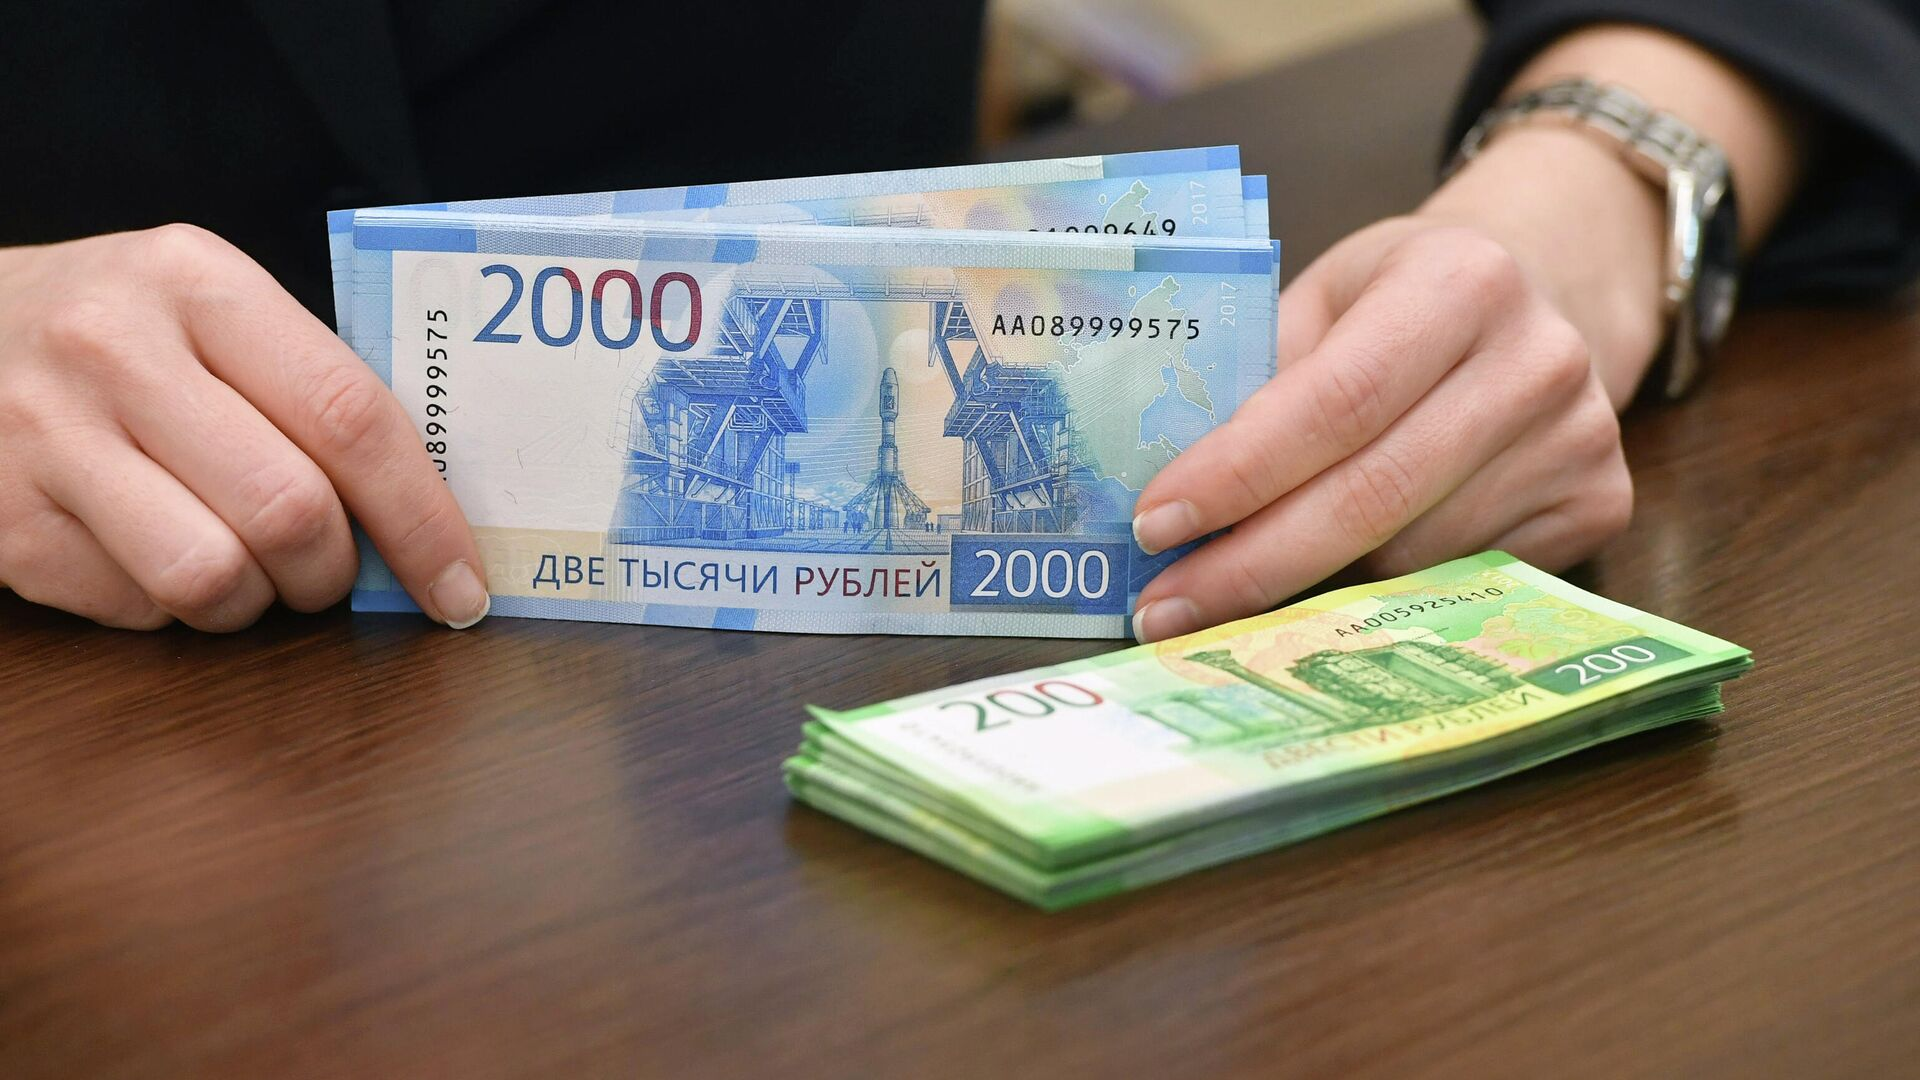 Купюры номиналом 200 и 2000 рублей  - РИА Новости, 1920, 21.09.2020